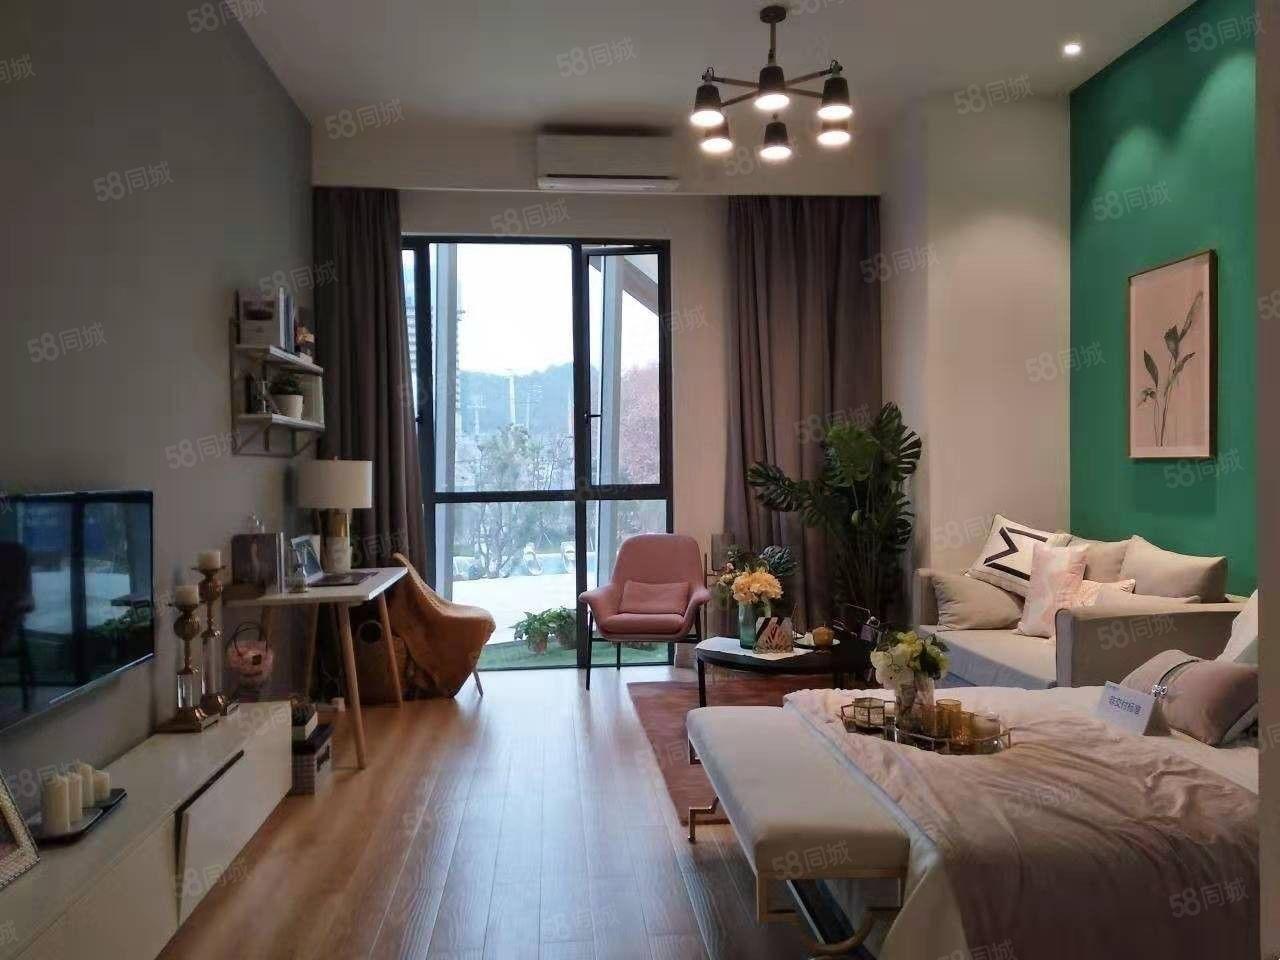 南明区油榨街首钢贵州之光精装修48平公寓楼拎包入住送地暖